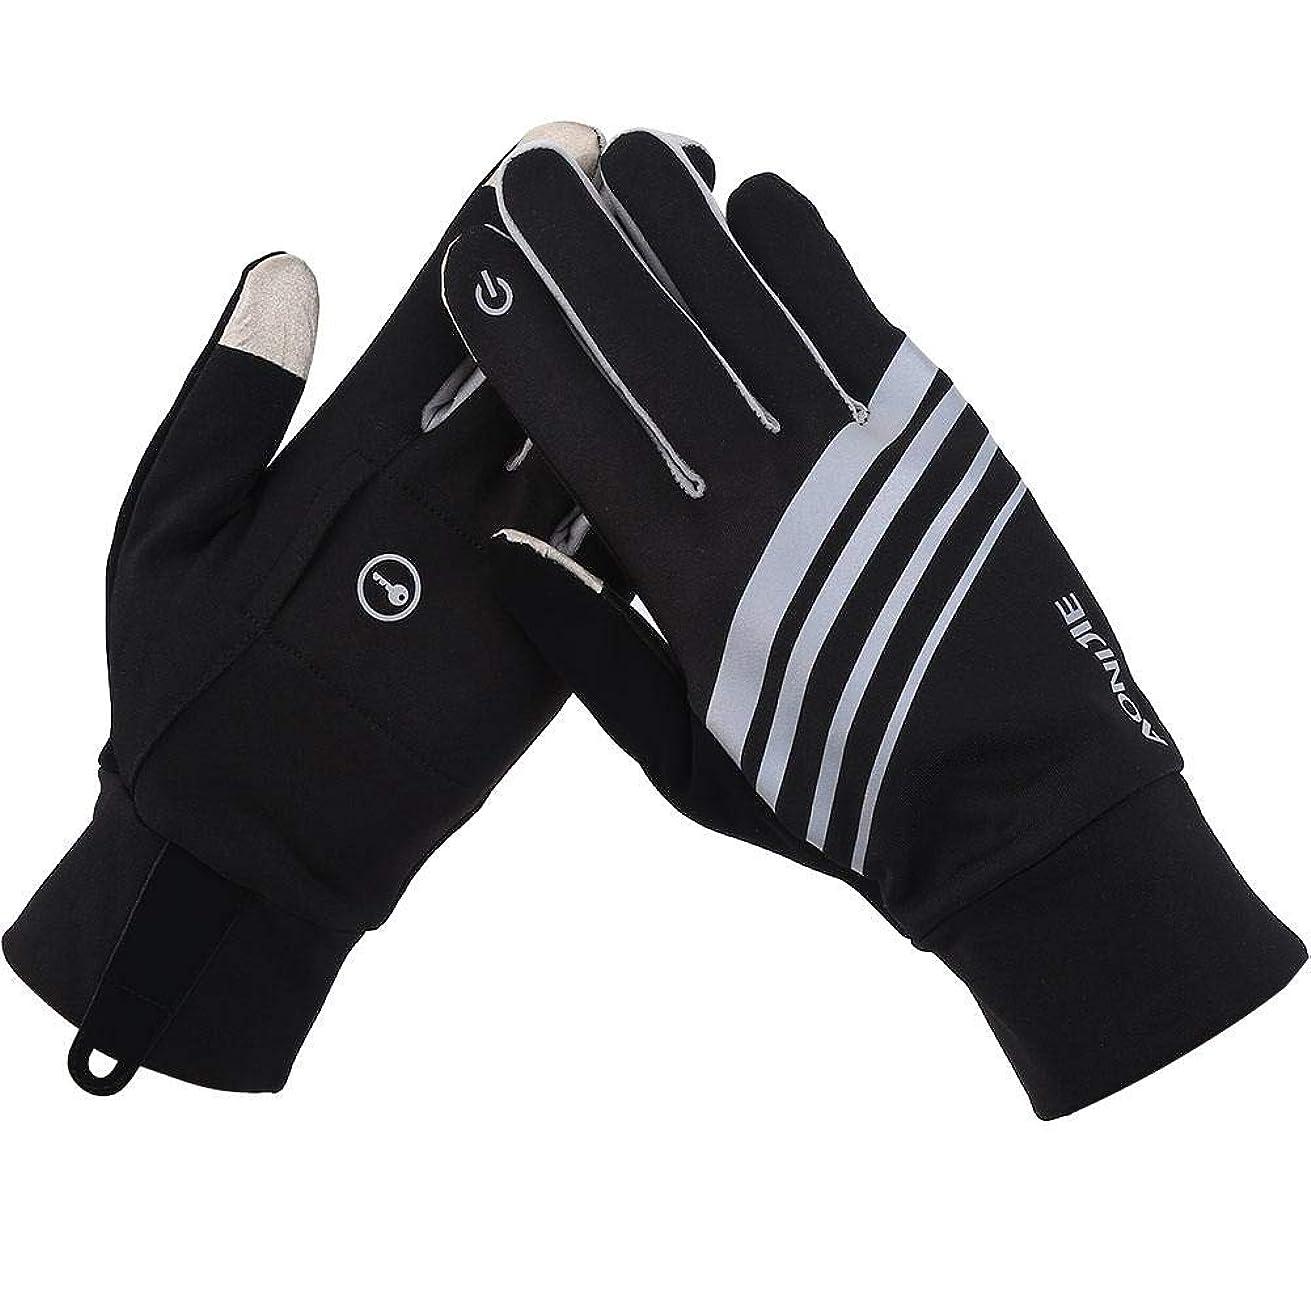 ながら浮く永久サイクリング手袋、冬の屋外防風サイクリング狩猟クライミングスポーツタッチスクリーングローブ1ペア/セット男性女性サイクリング自転車マウンテンバイクタッチスクリーンスポーツランニングフルフィンガーグローブ